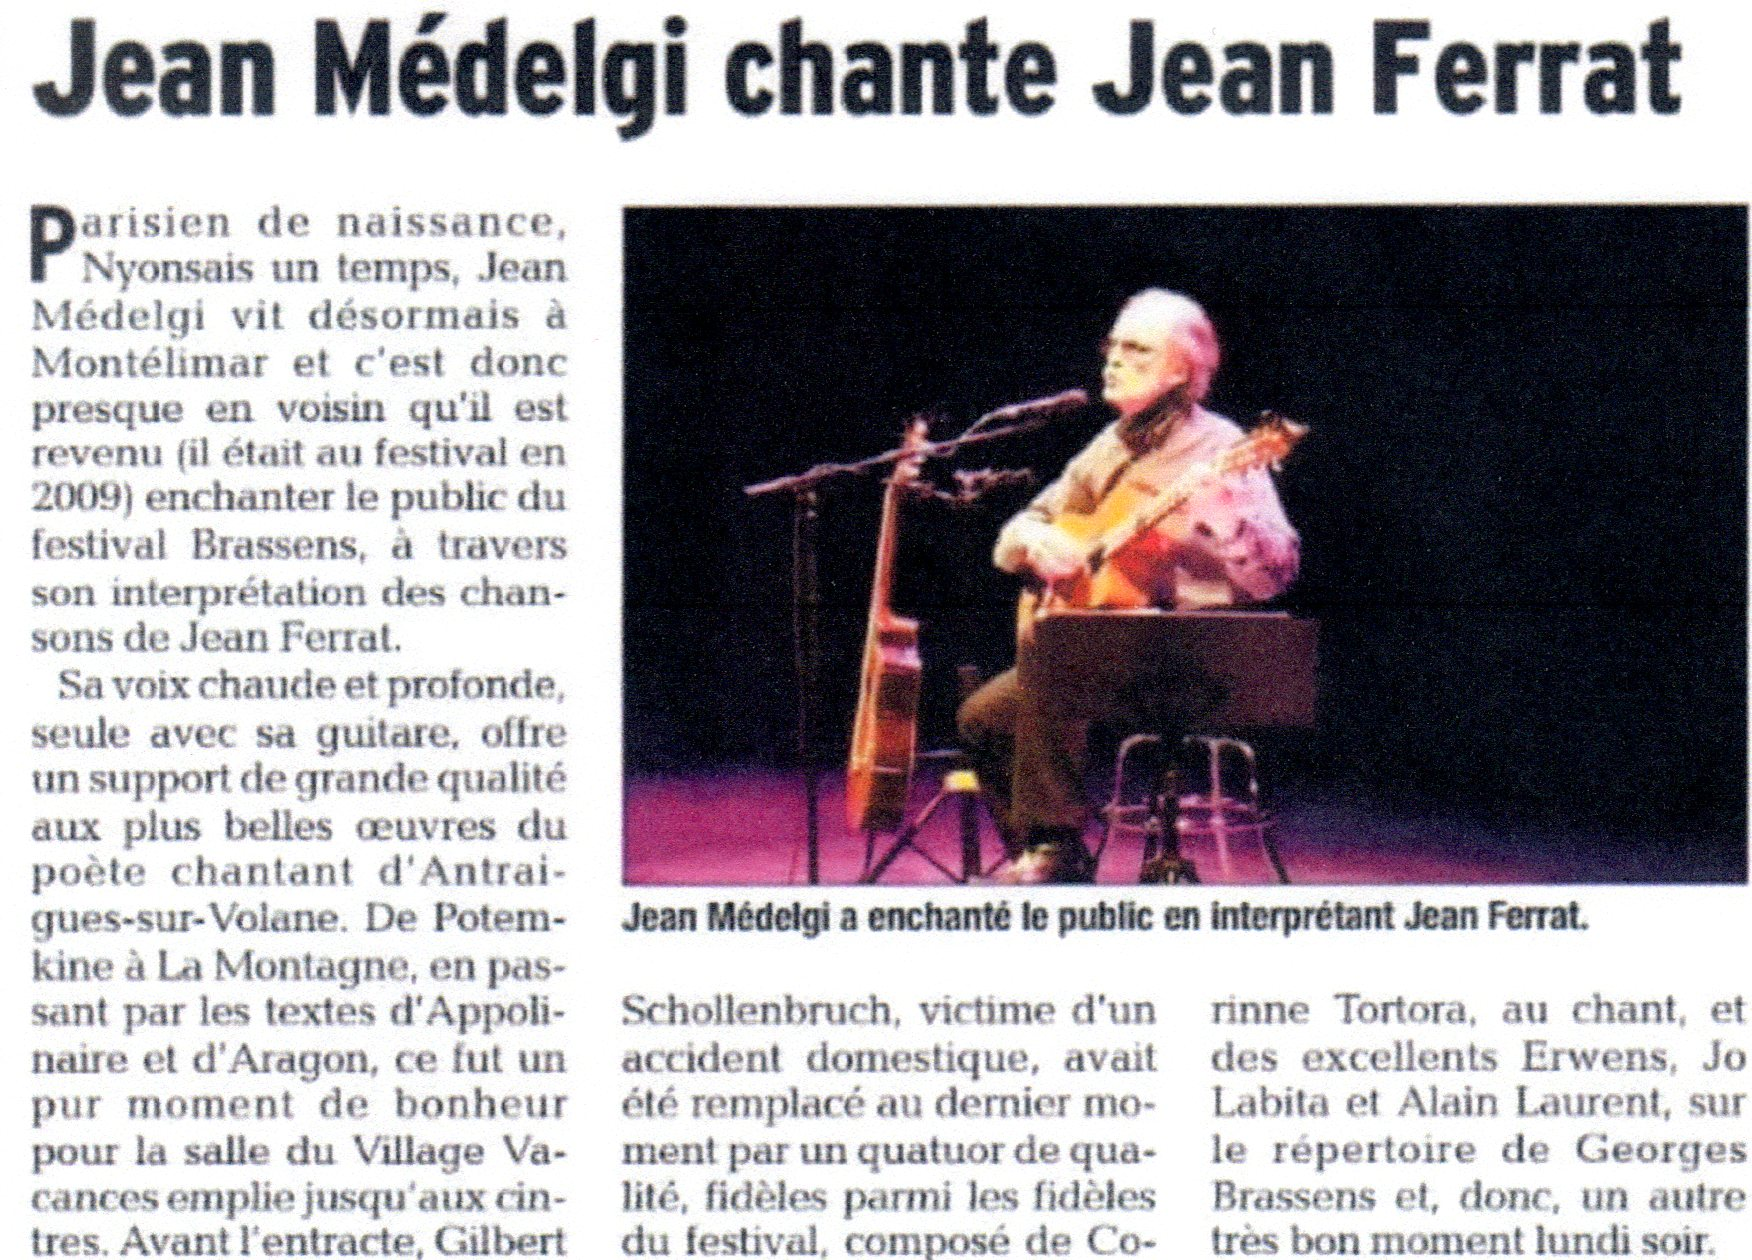 Concert Jean Medelgi chante Jean Ferrat Vaison-la-Romaine au Festival Georges Brassens 2018